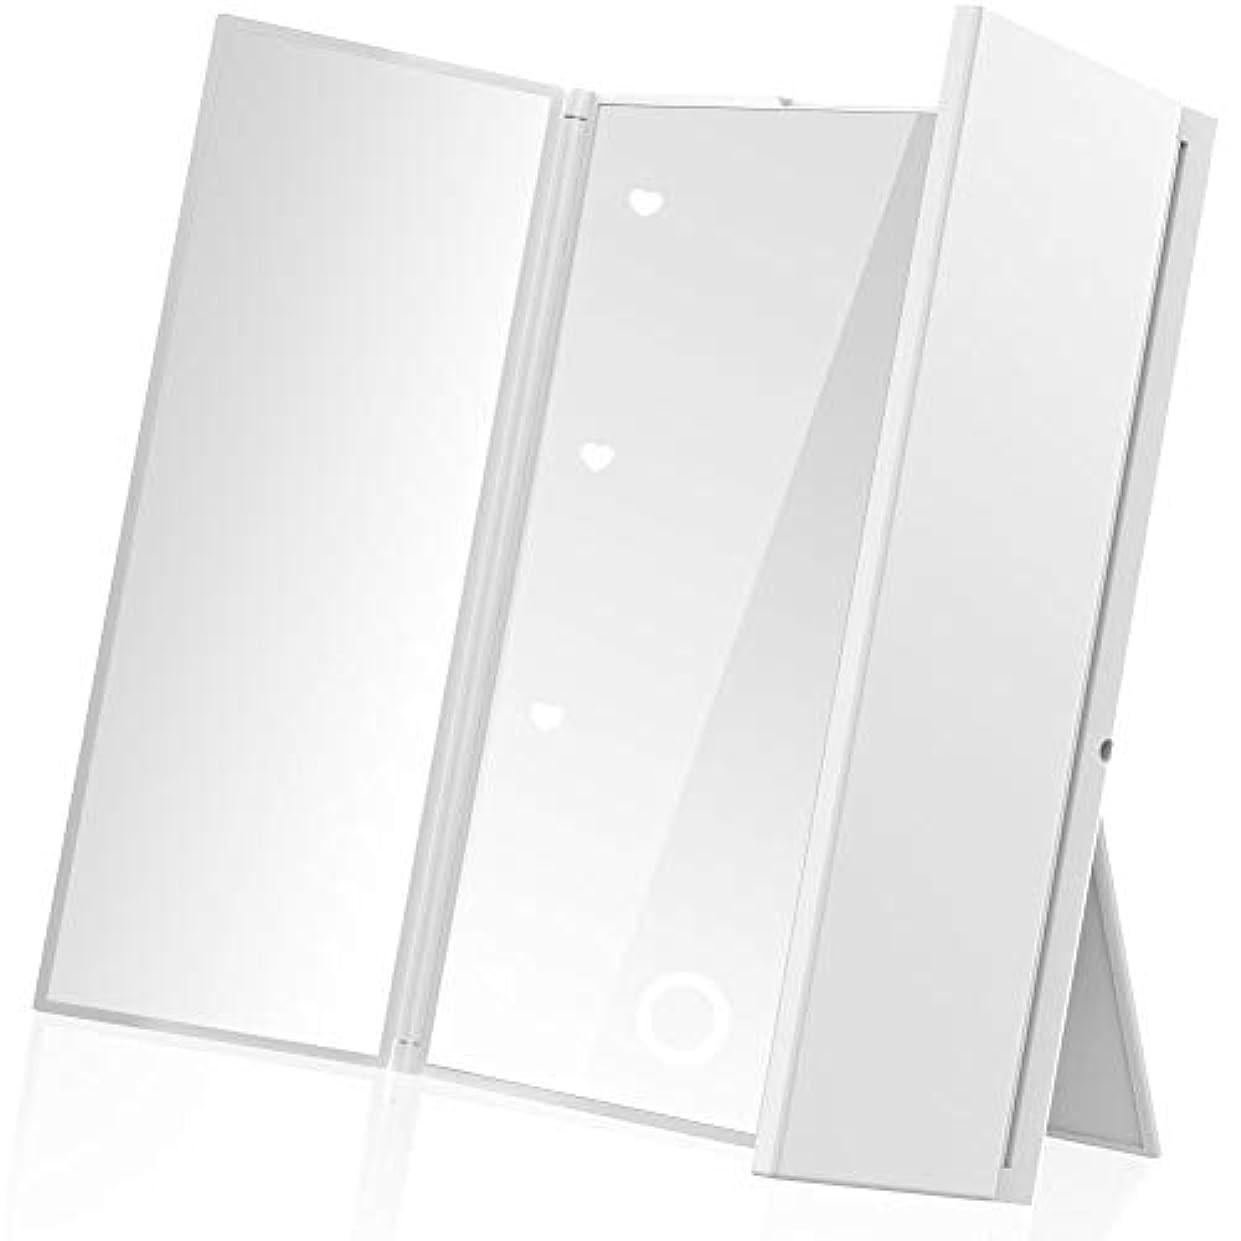 講師バズ表面的なLEEPWEI 鏡 卓上 スタンドミラー 三面鏡 化粧鏡 メイクミラー折りたたみ式 コンパックトLEDライト付き 電池型 持ち運び便利 (ホワイト)